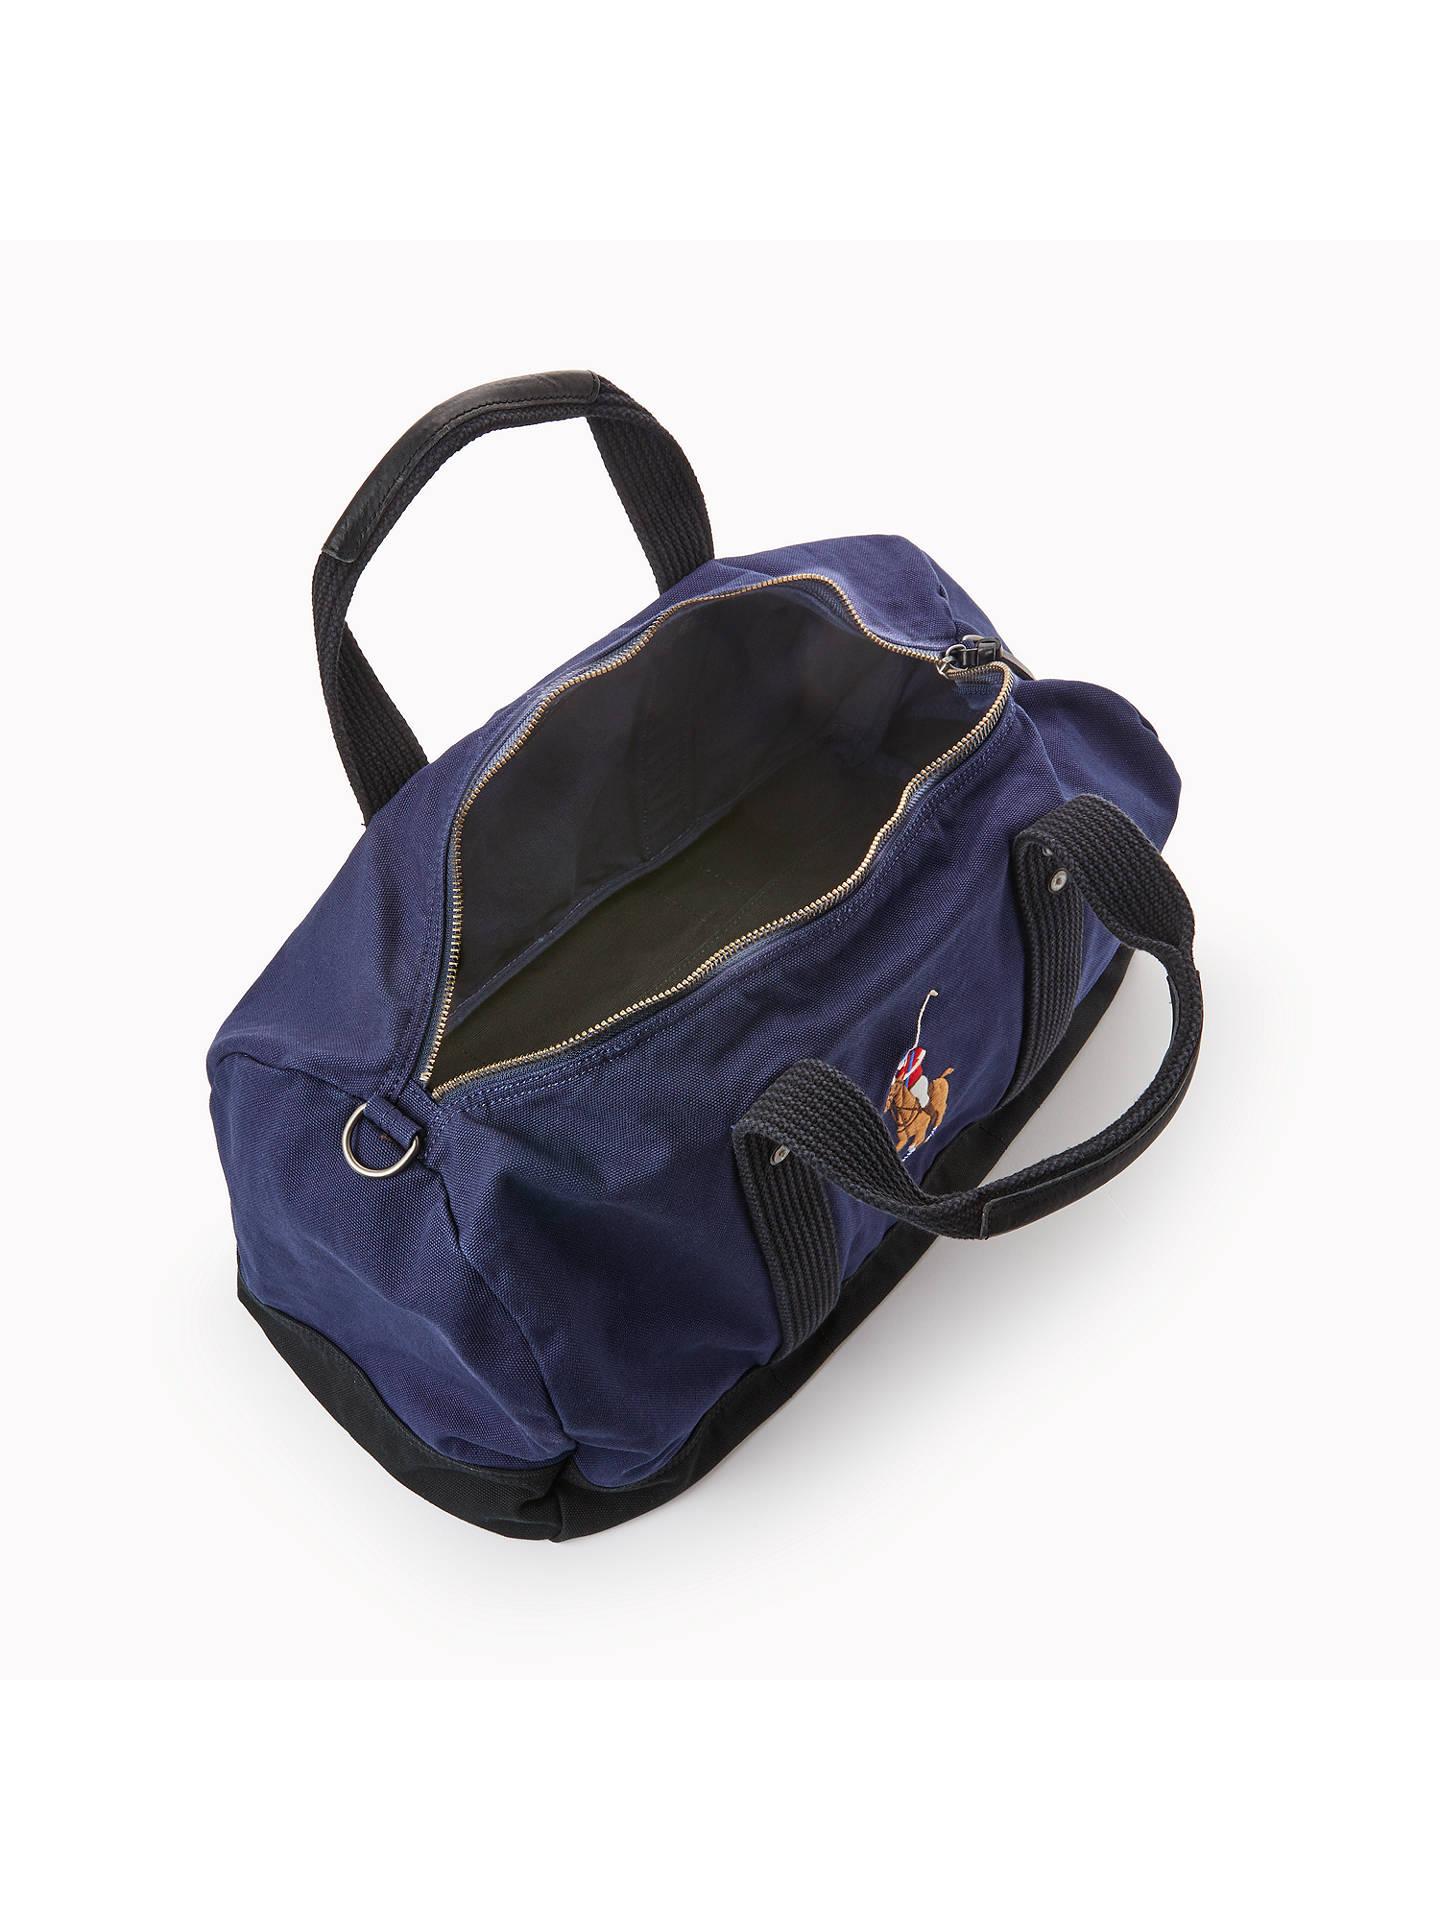 ... BuyPolo Ralph Lauren Canvas Big Pony Duffle Bag fc472d0679c94